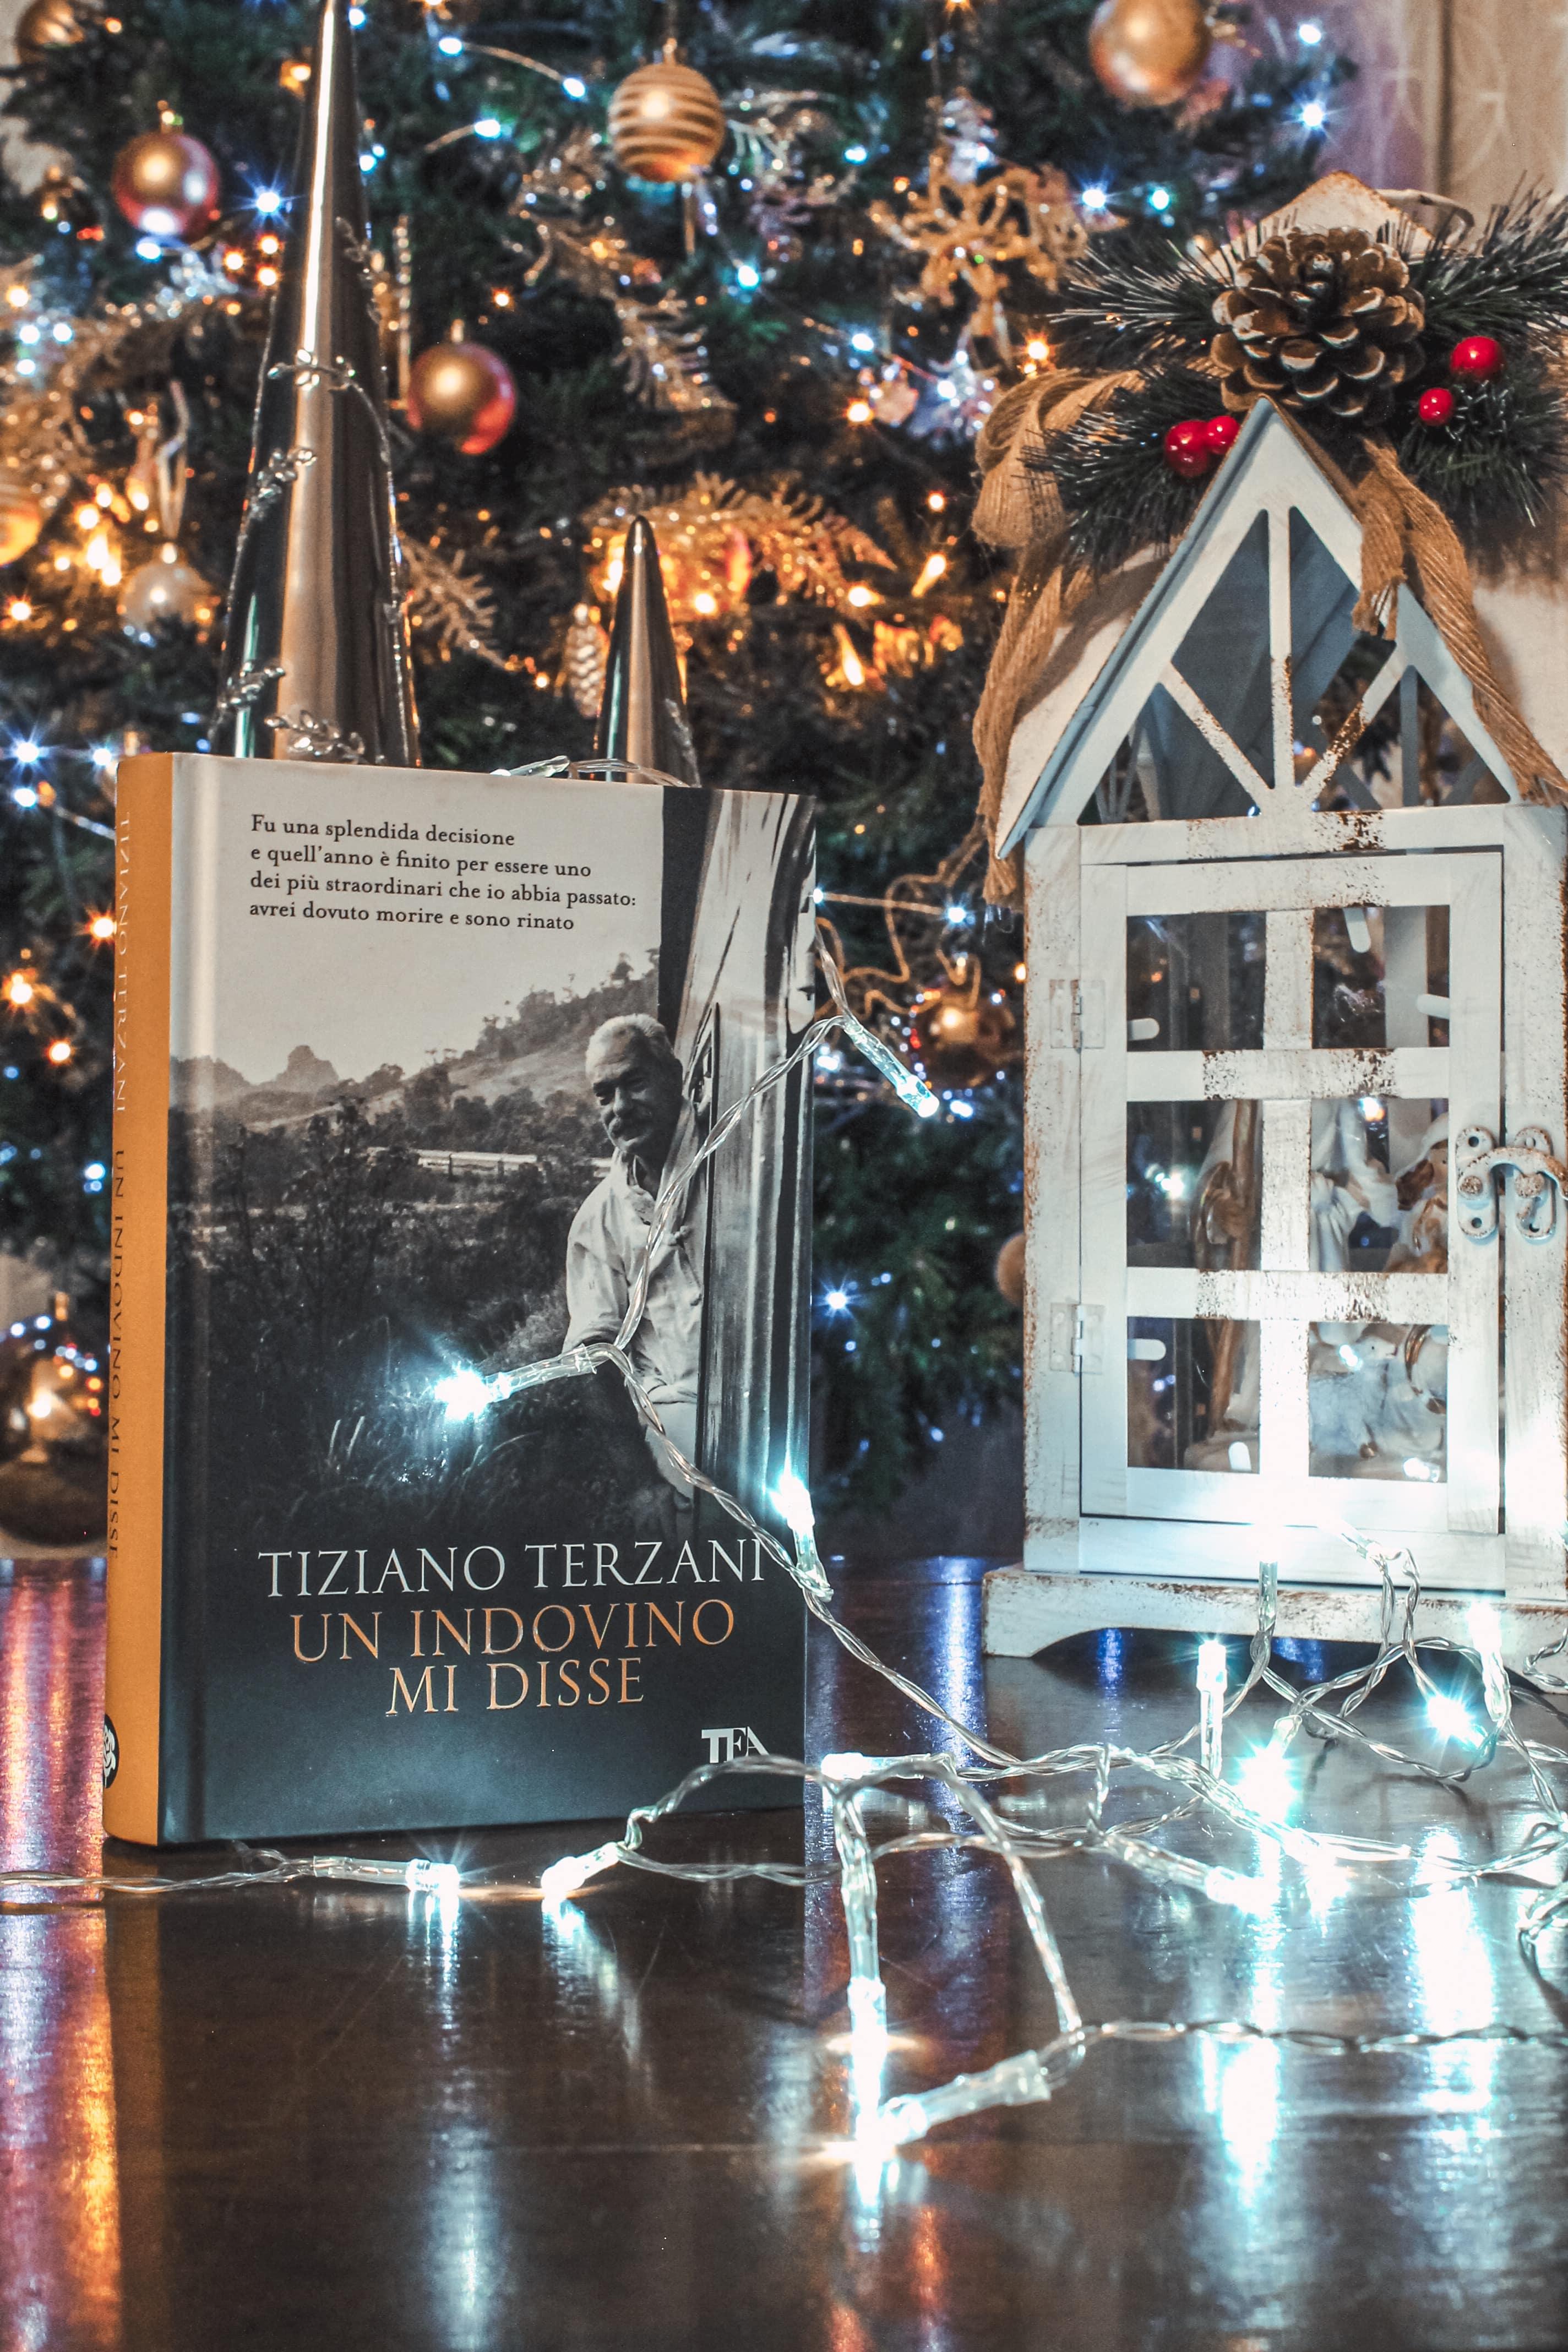 Tiziano Terzani - Un indovino mi disse